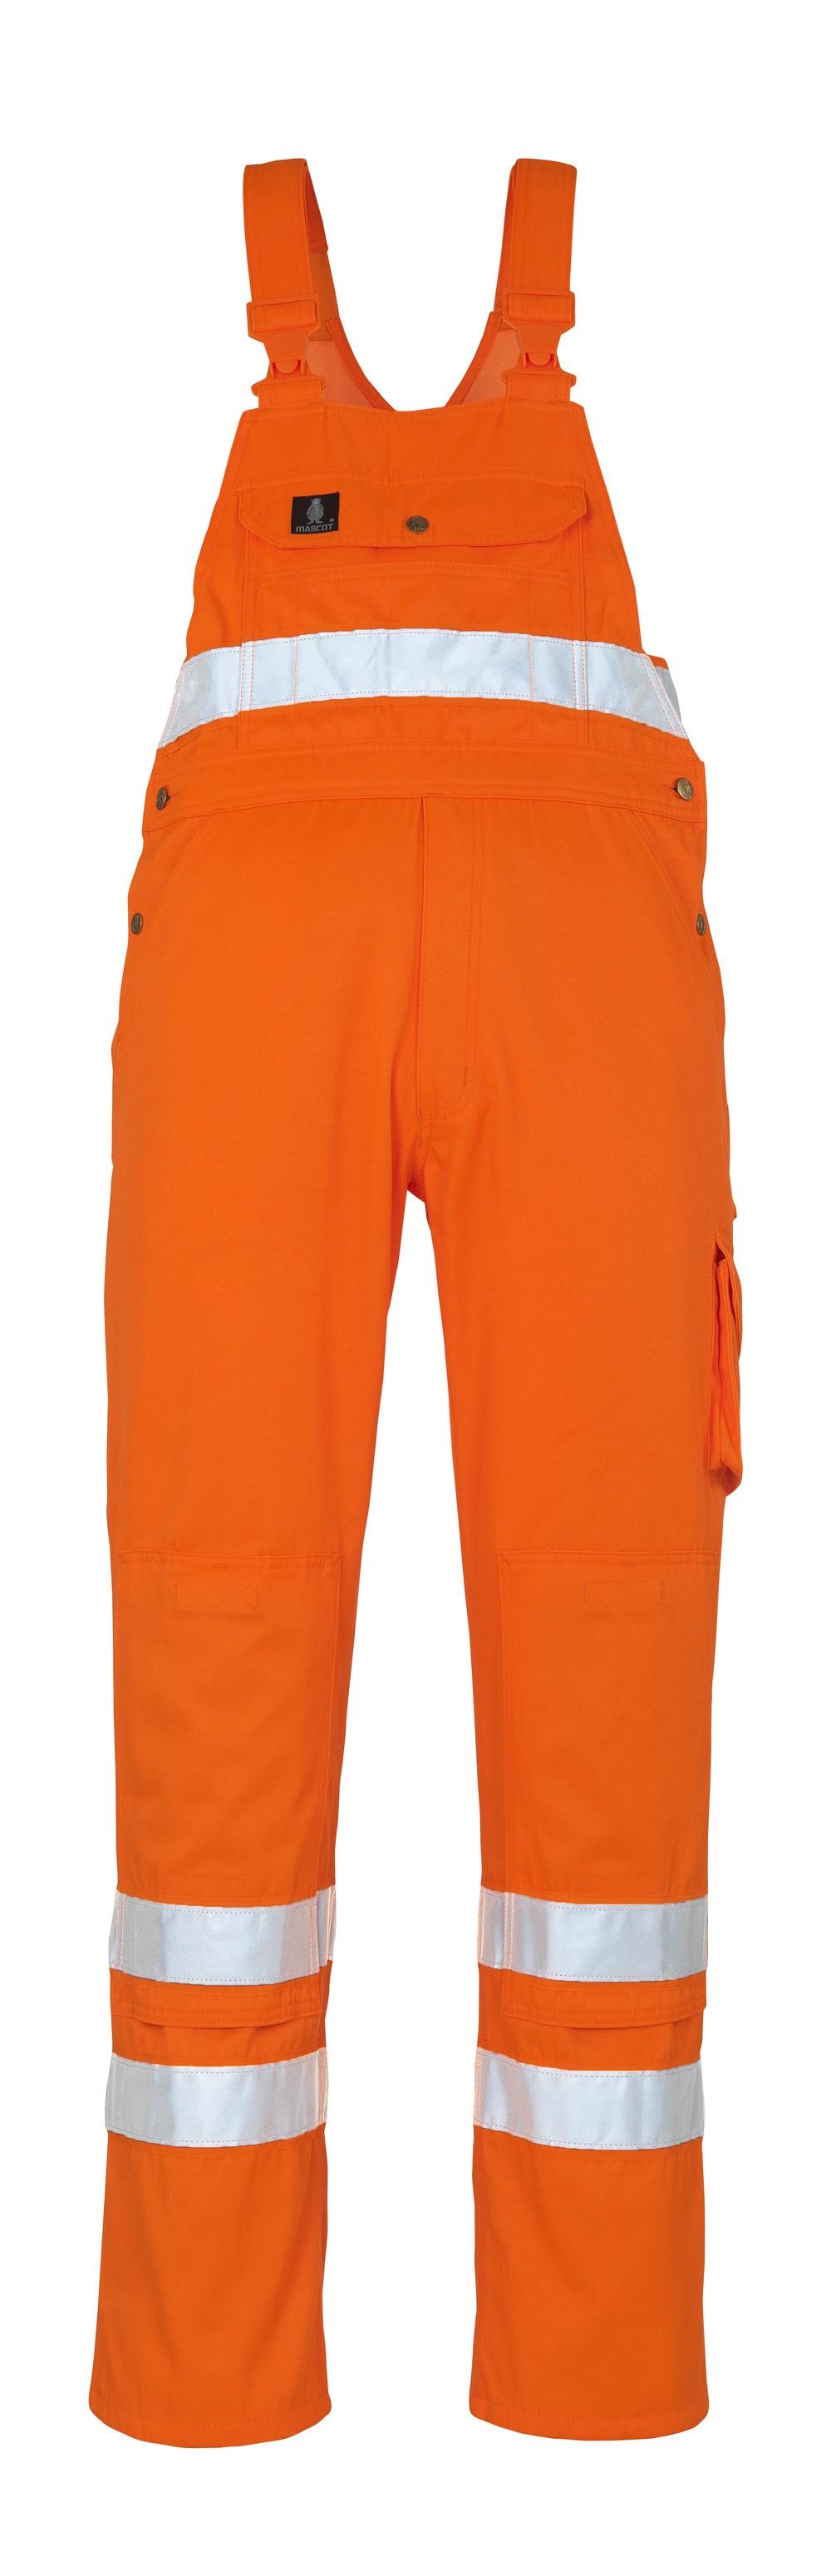 00469-860-14 Latzhose mit Knietaschen - hi-vis Orange